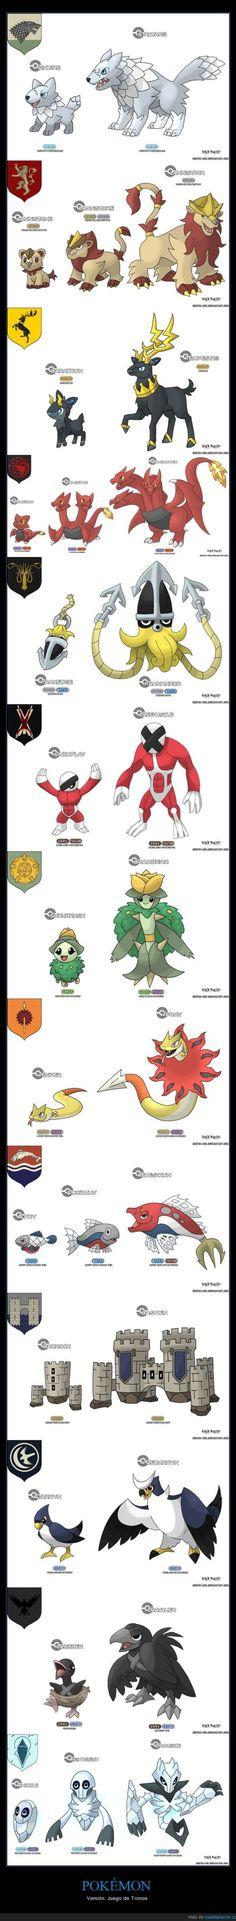 Pokemon mixed with Game Of Thrones #pokemon #GOT